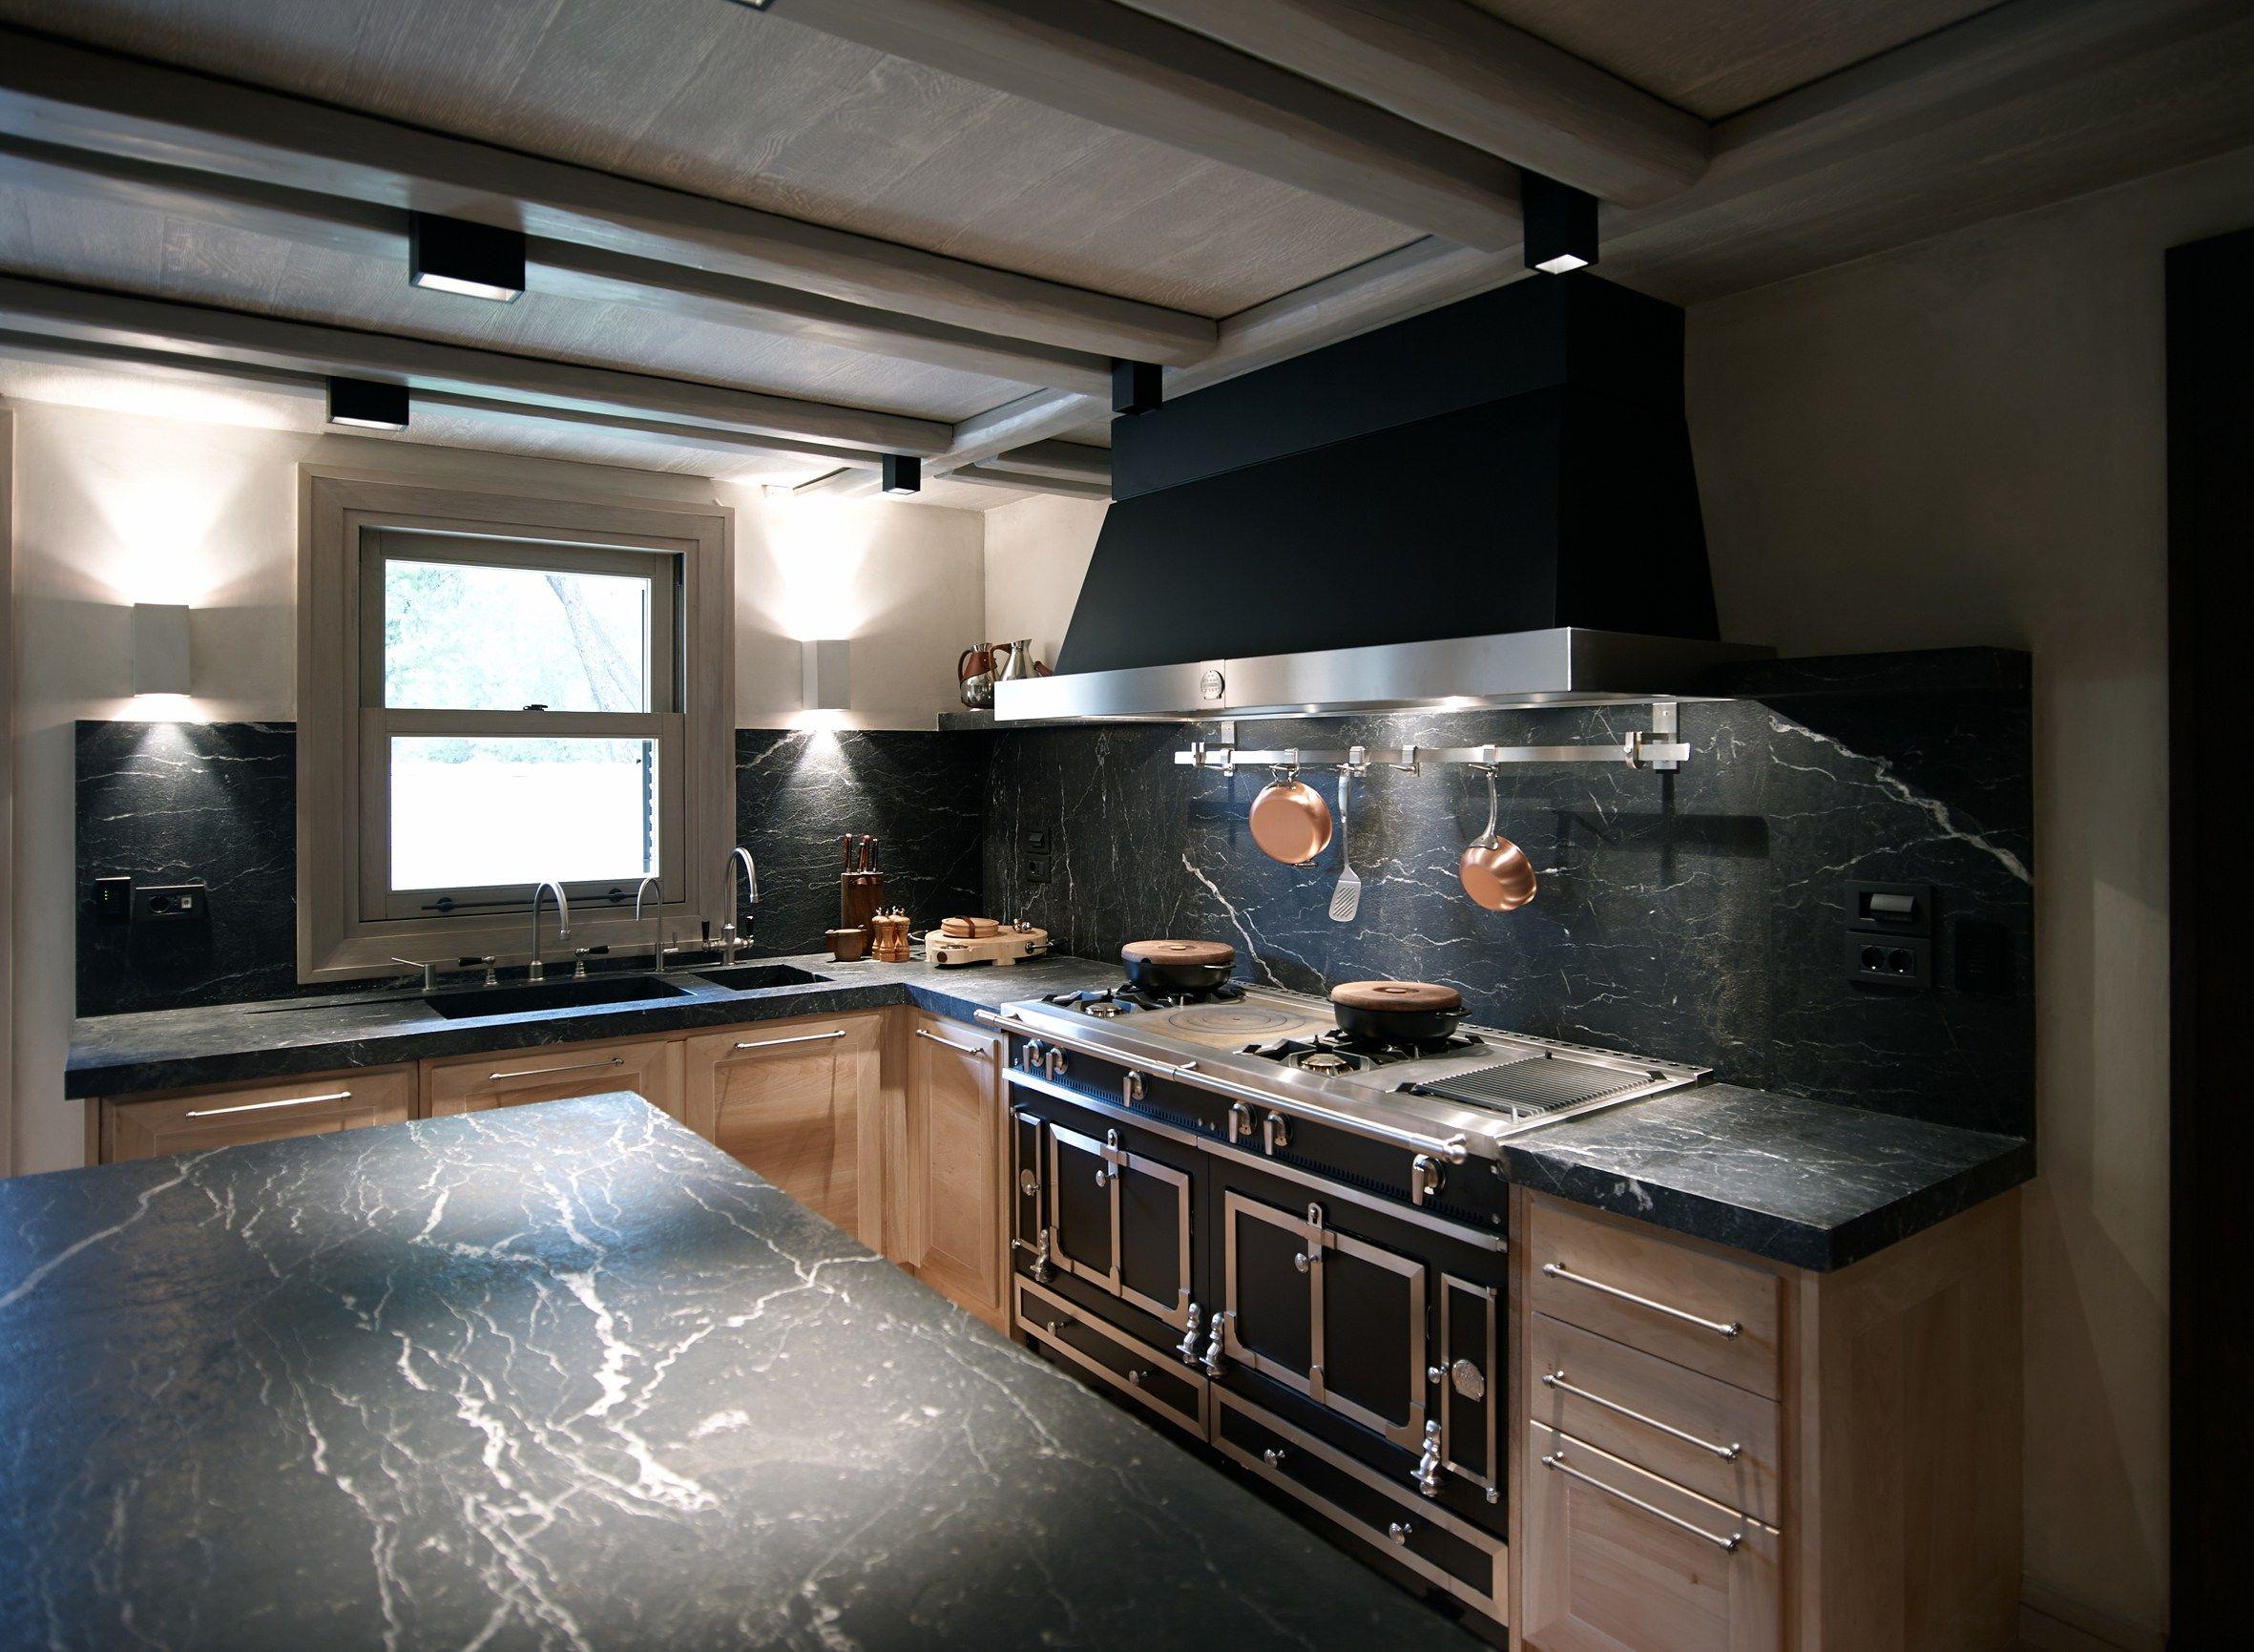 Cucina a libera installazione in acciaio inox ch teau 150 by la cornue - Piano de cuisine la cornue ...